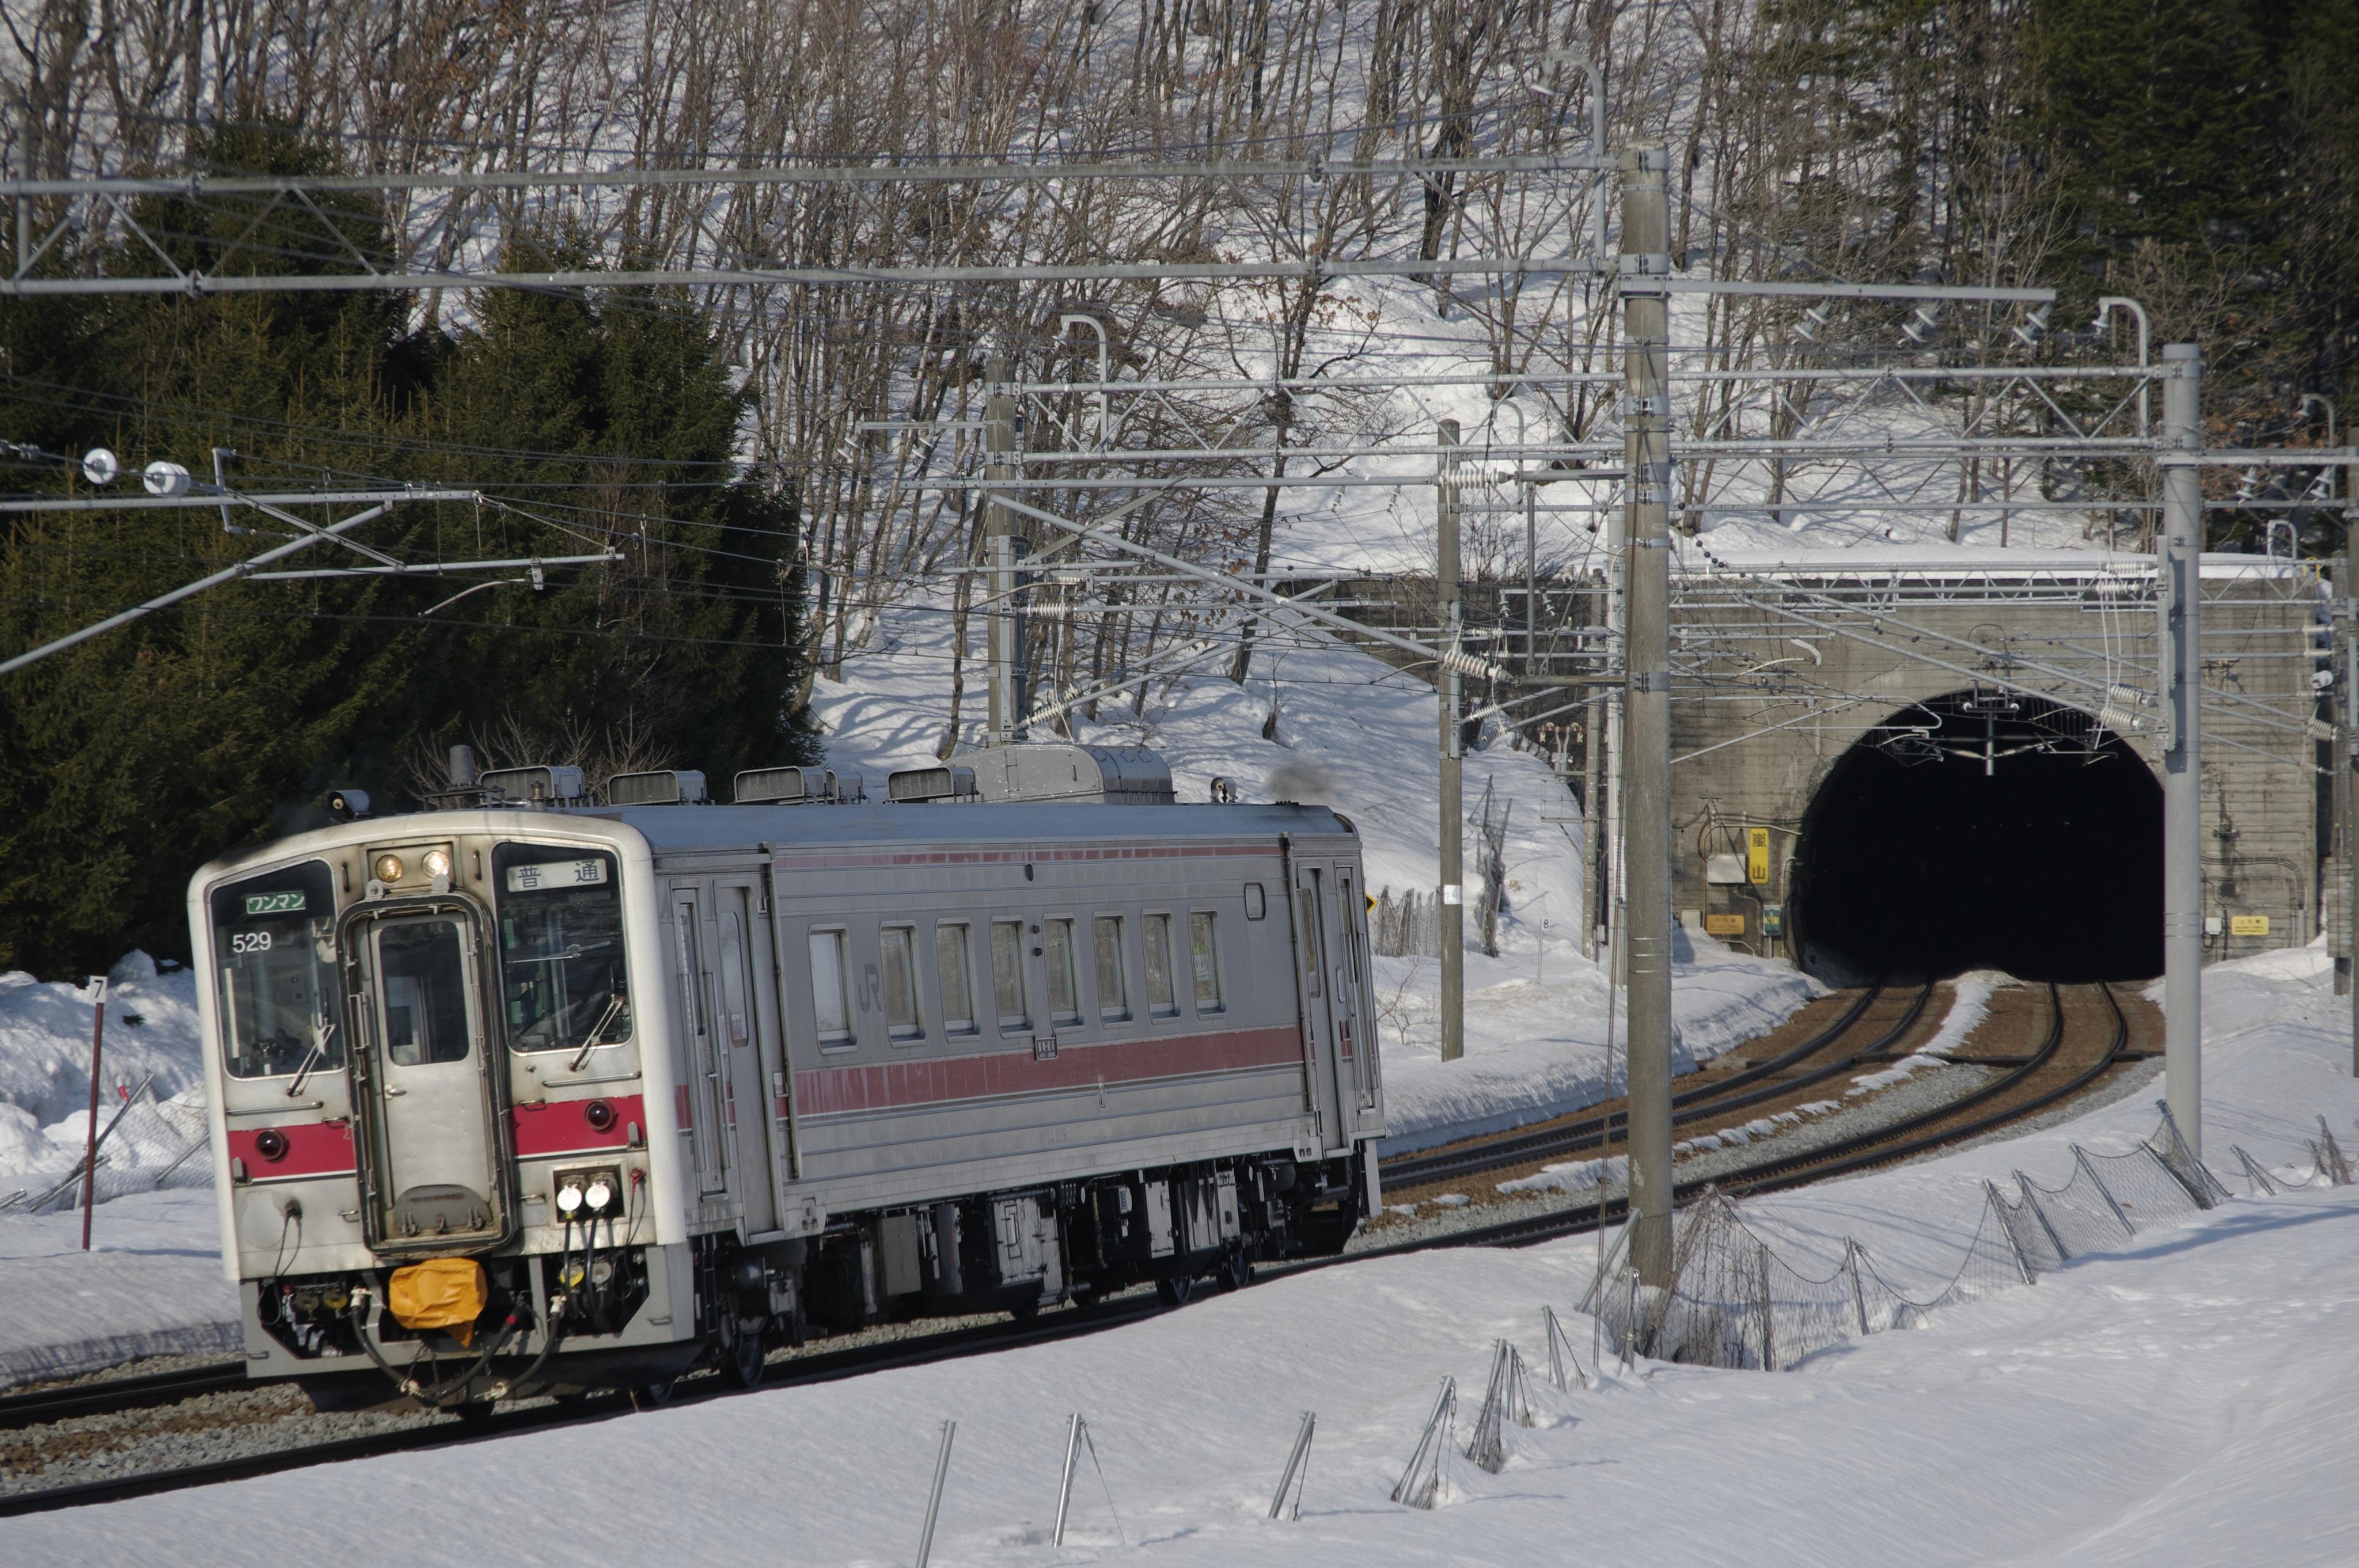 近文−伊納 嵐山トンネル 4929D 普通列車_180325.jpg